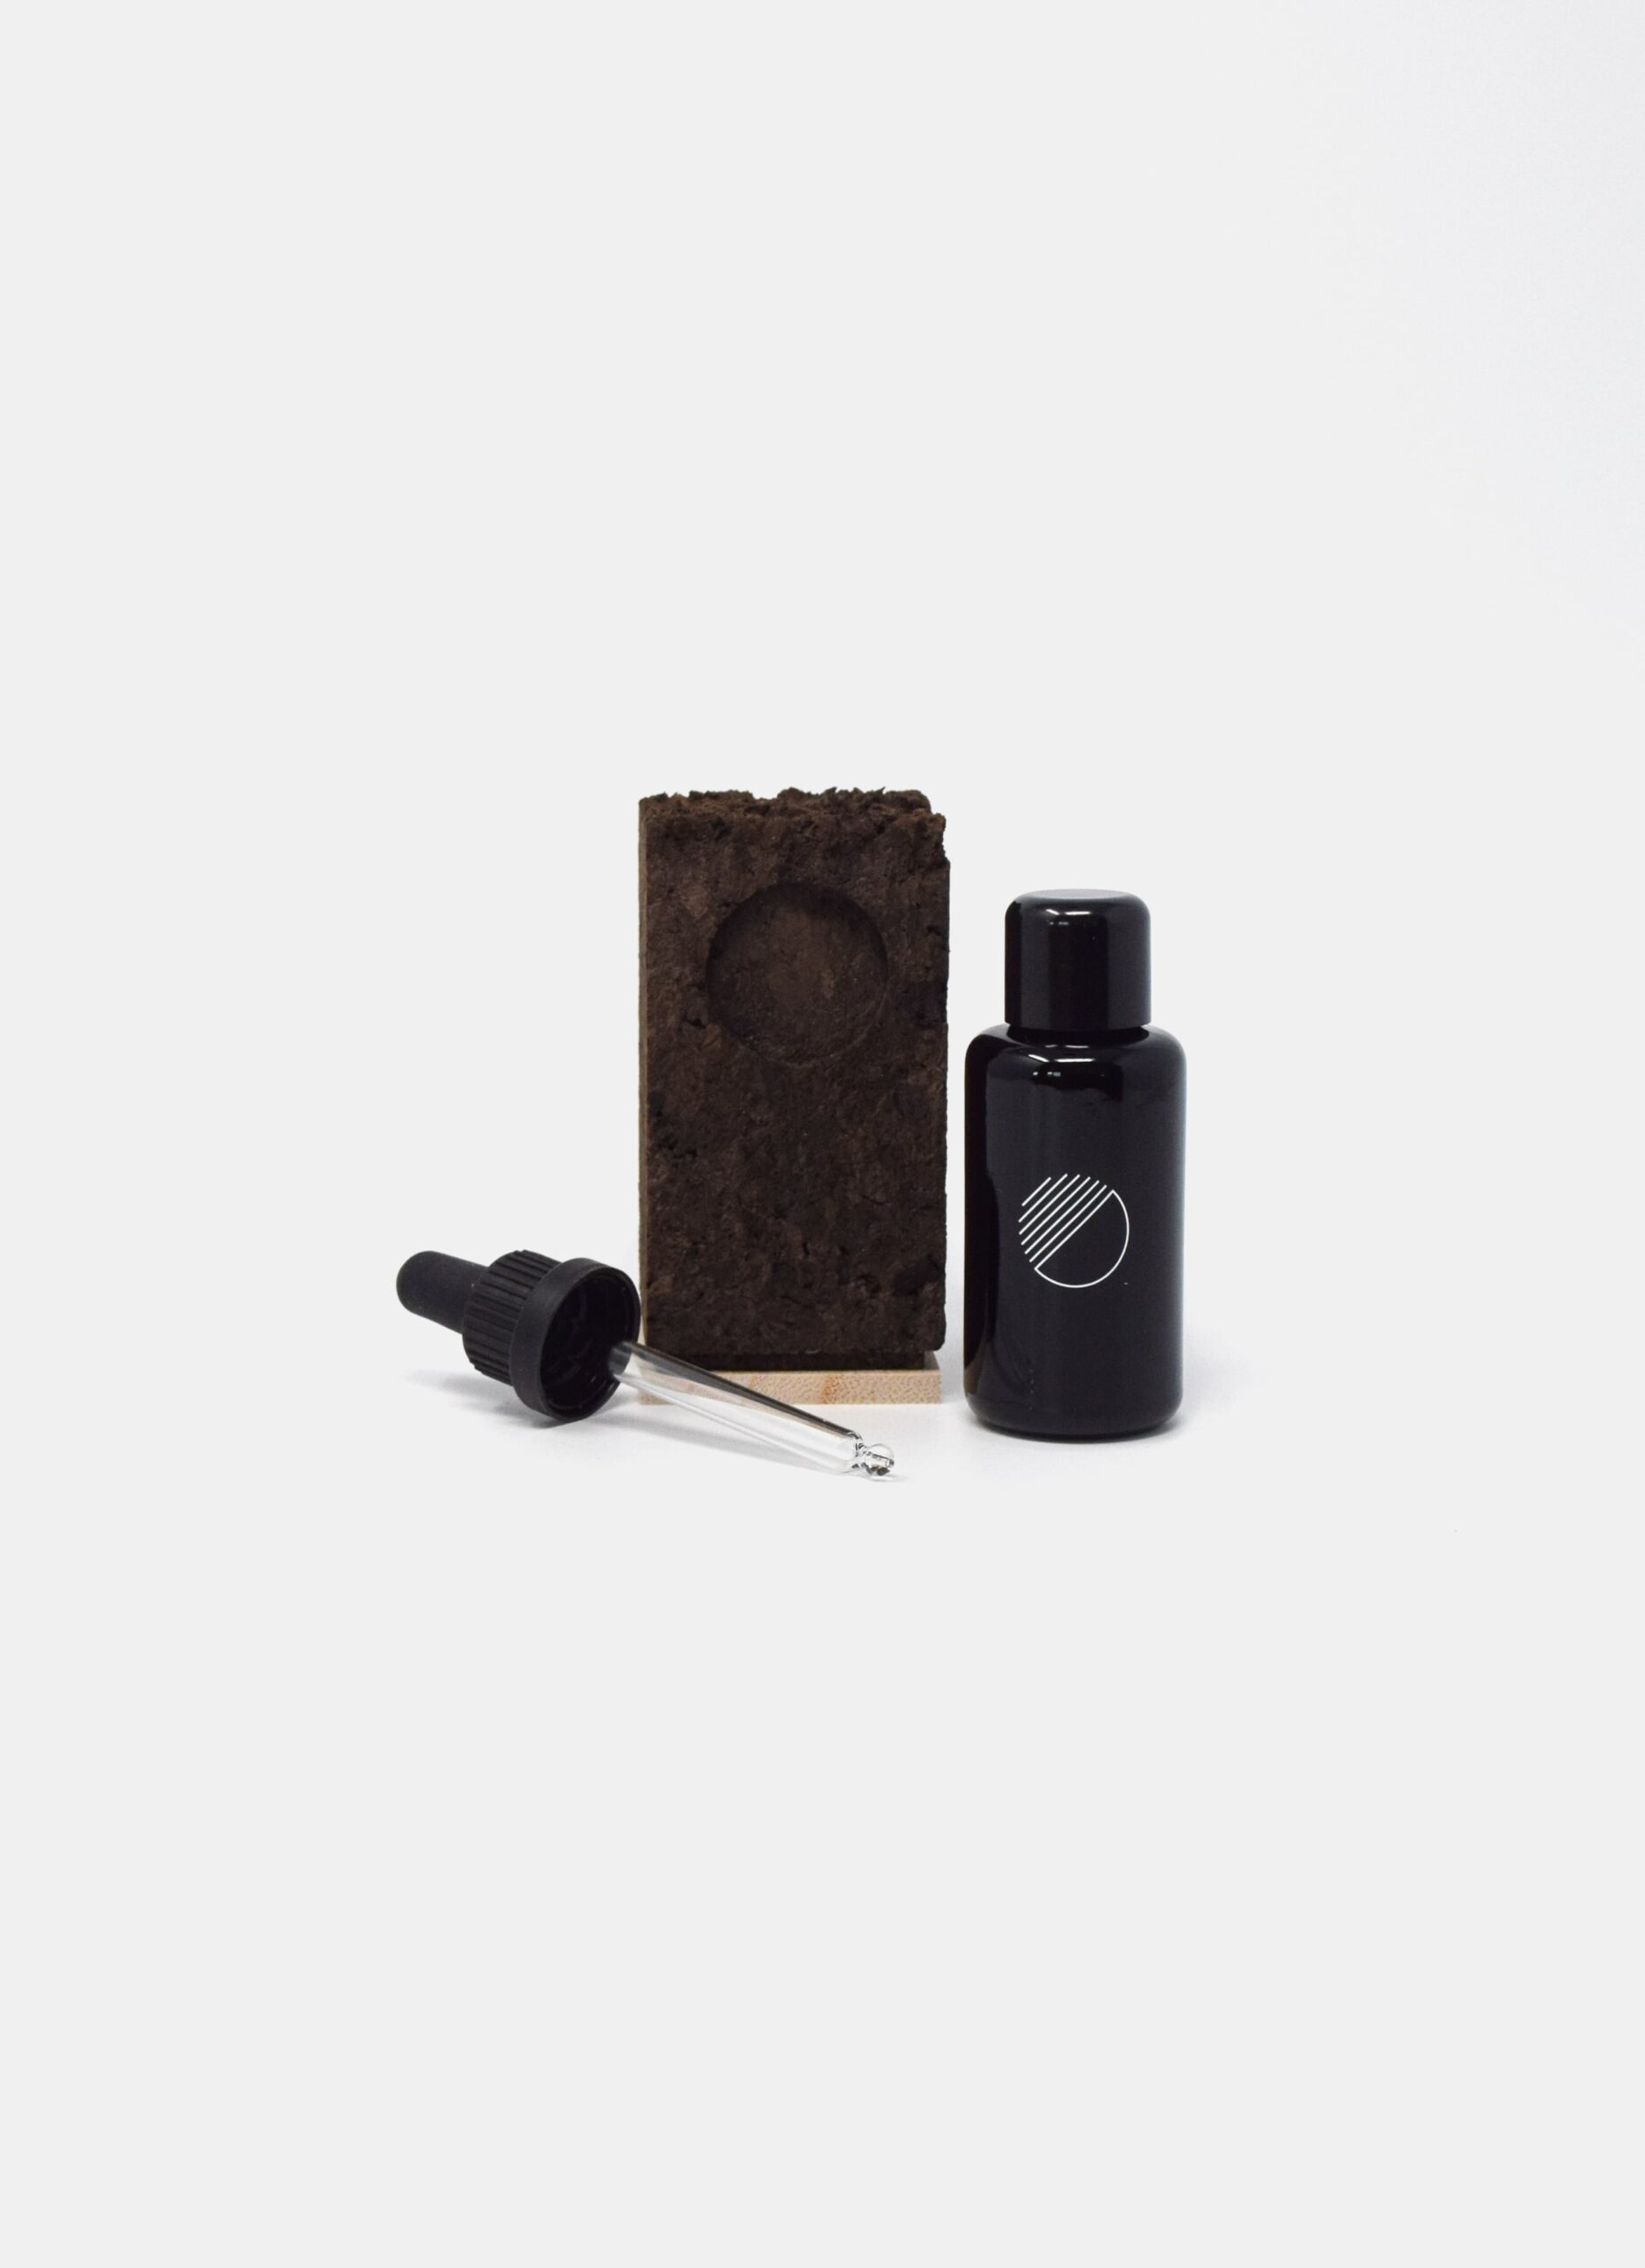 Aoiro Studio - Hakudo Rain - Mono Cork Diffuser Set - 30ml